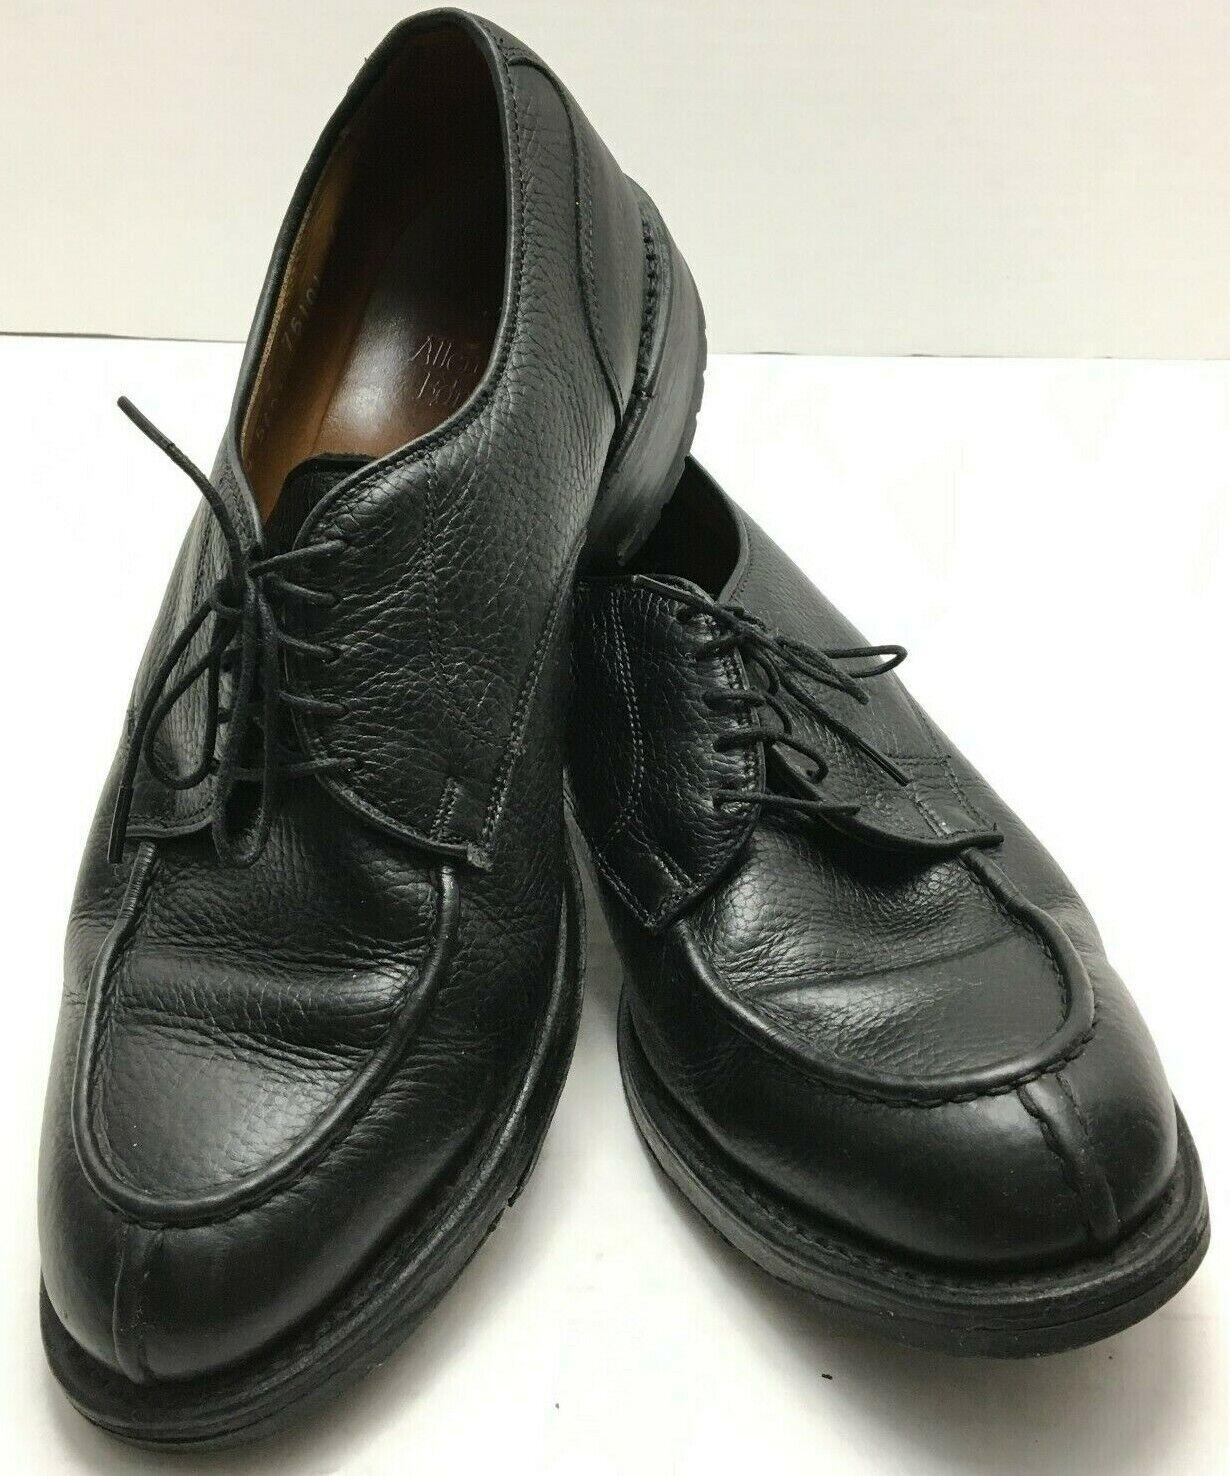 spedizione veloce in tutto il mondo Allen Allen Allen Edmonds Canton Uomo Sz 8.5 E nero Pebble Leather Split Toe Oxford scarpe  l'ultimo